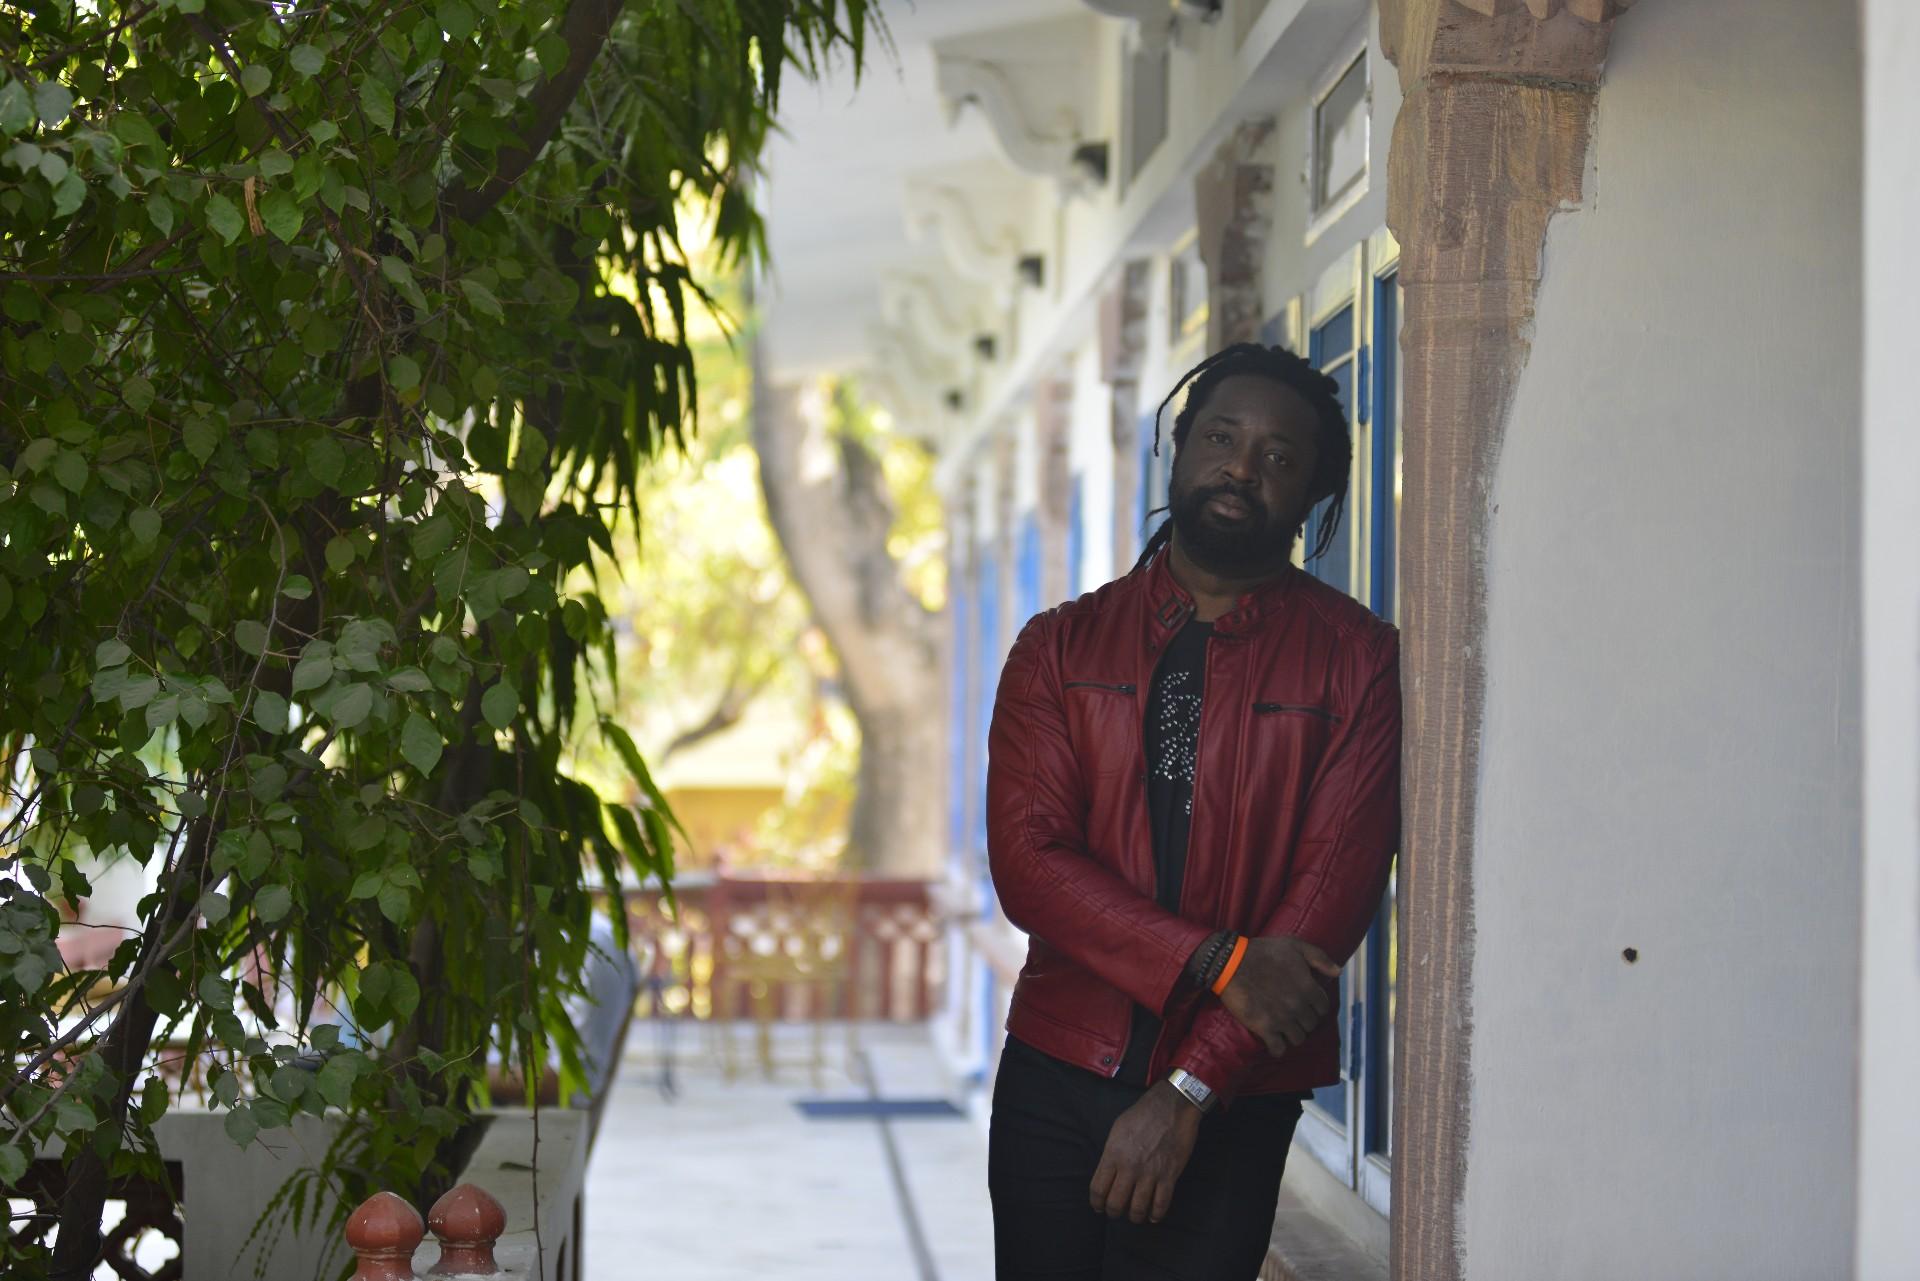 Nowa książka Marlona Jamesa toepickie, queerowe fantasy oparte naafrykańskich mitach. Ijest fenomenalna